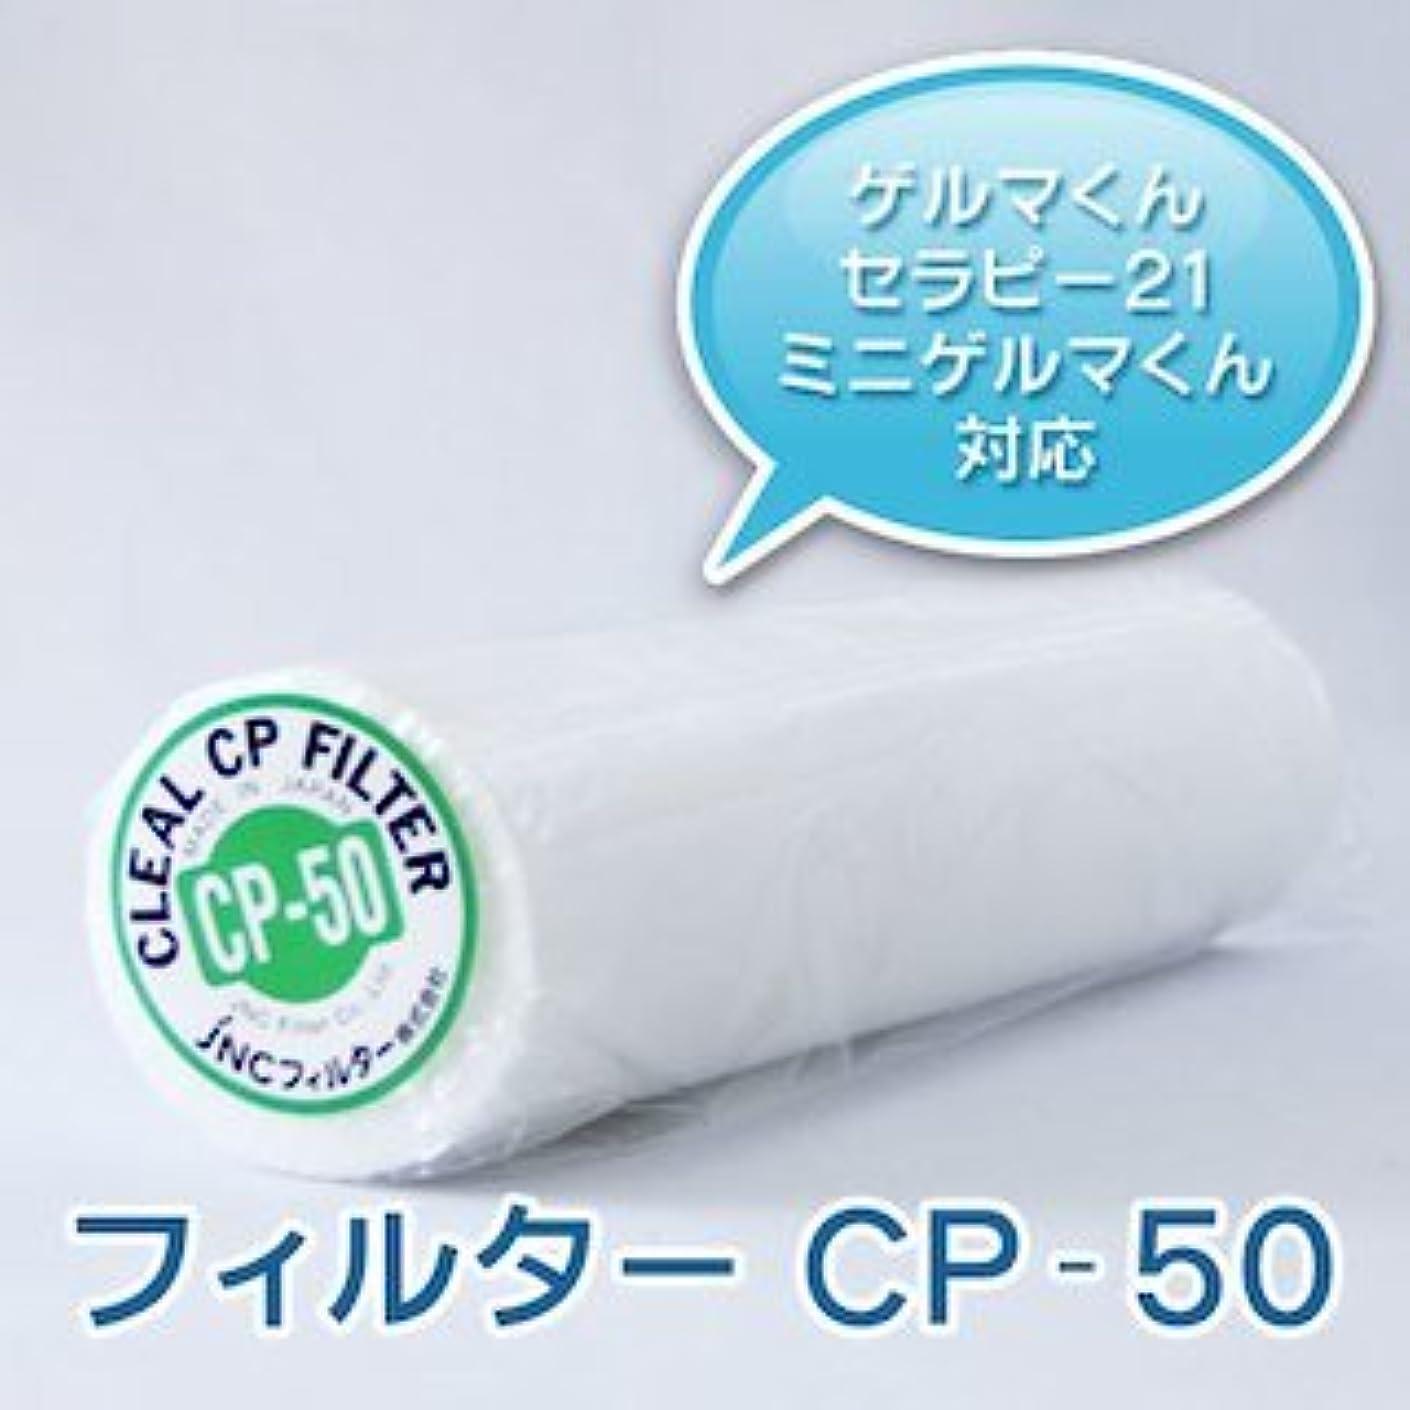 補助瞑想する後ろ、背後、背面(部【ゲルマ フィルター CP-50】 1本  ゲルマニウム 温浴器 ゲルマくん/セラピー21 対応